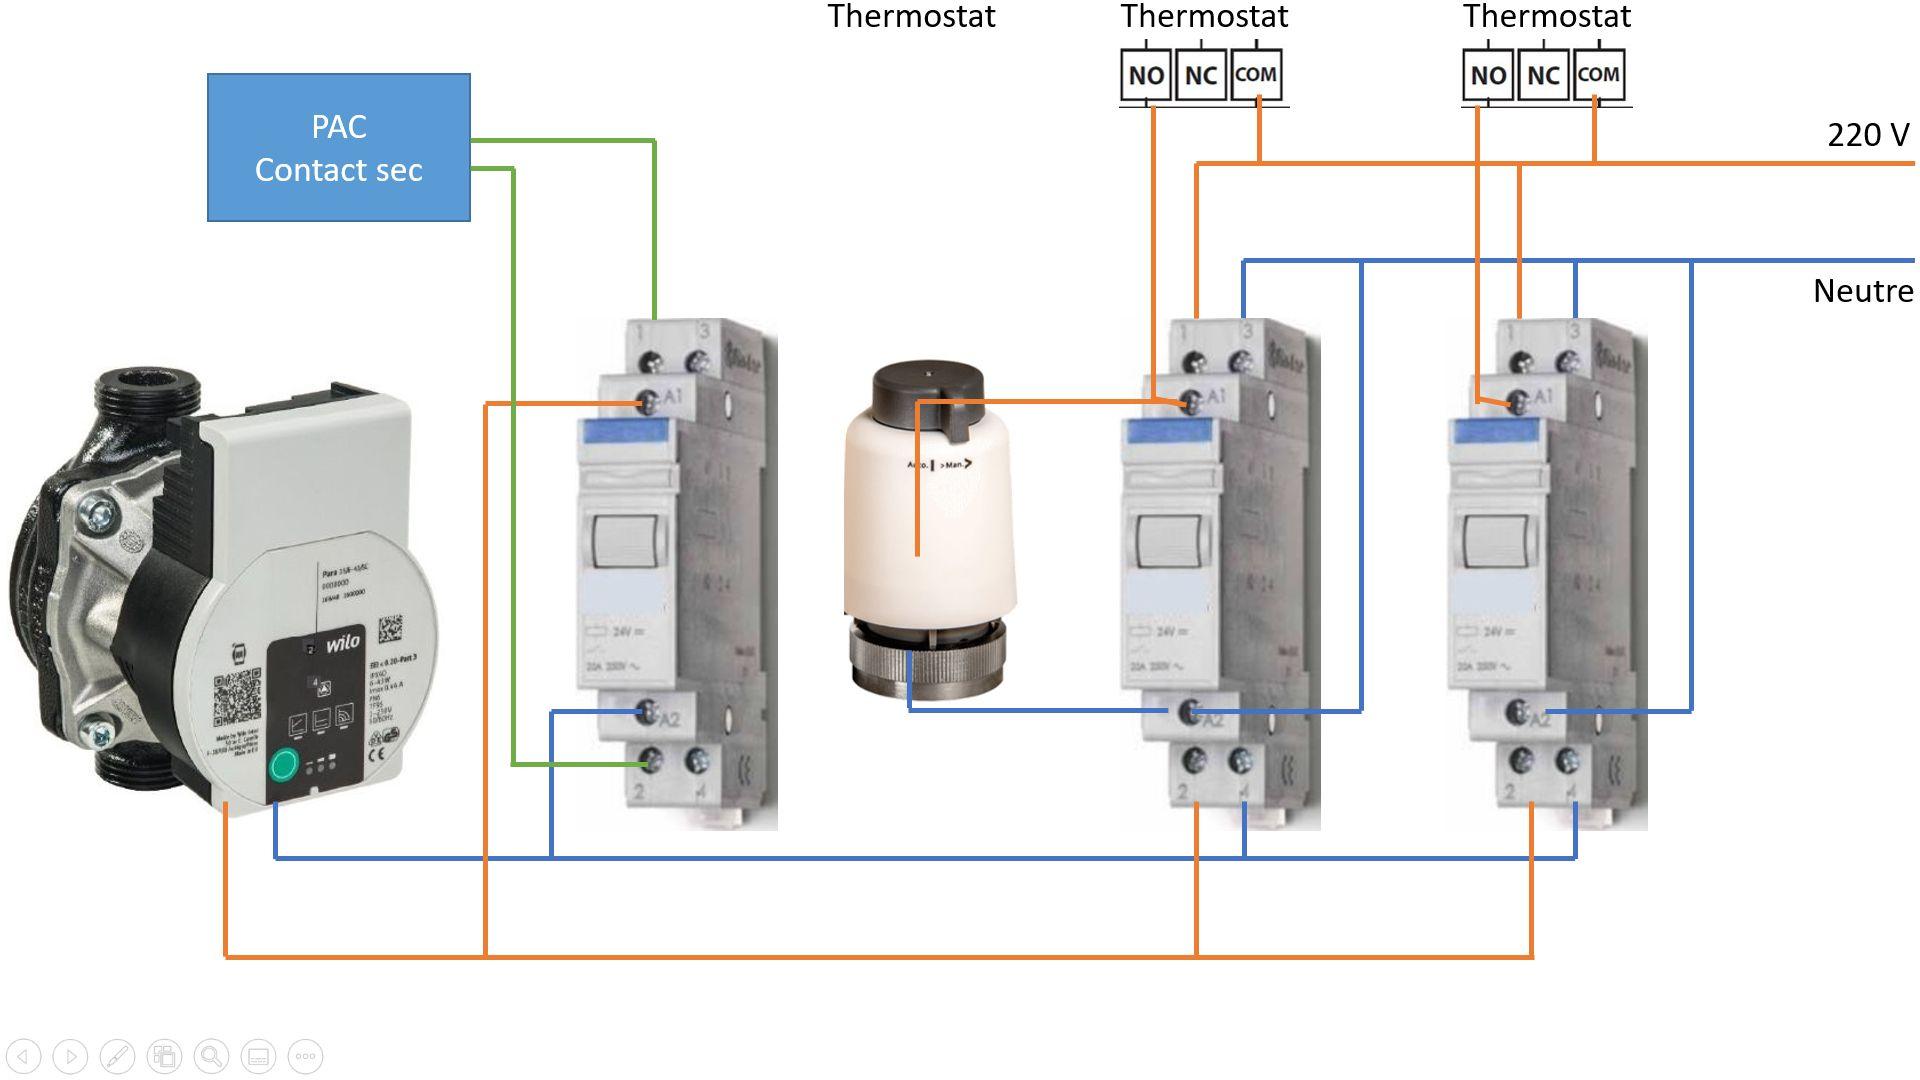 Optimisation de la pompe de chaleur par thermostats et optimiseurs après bouteille de découplage y compris PAC